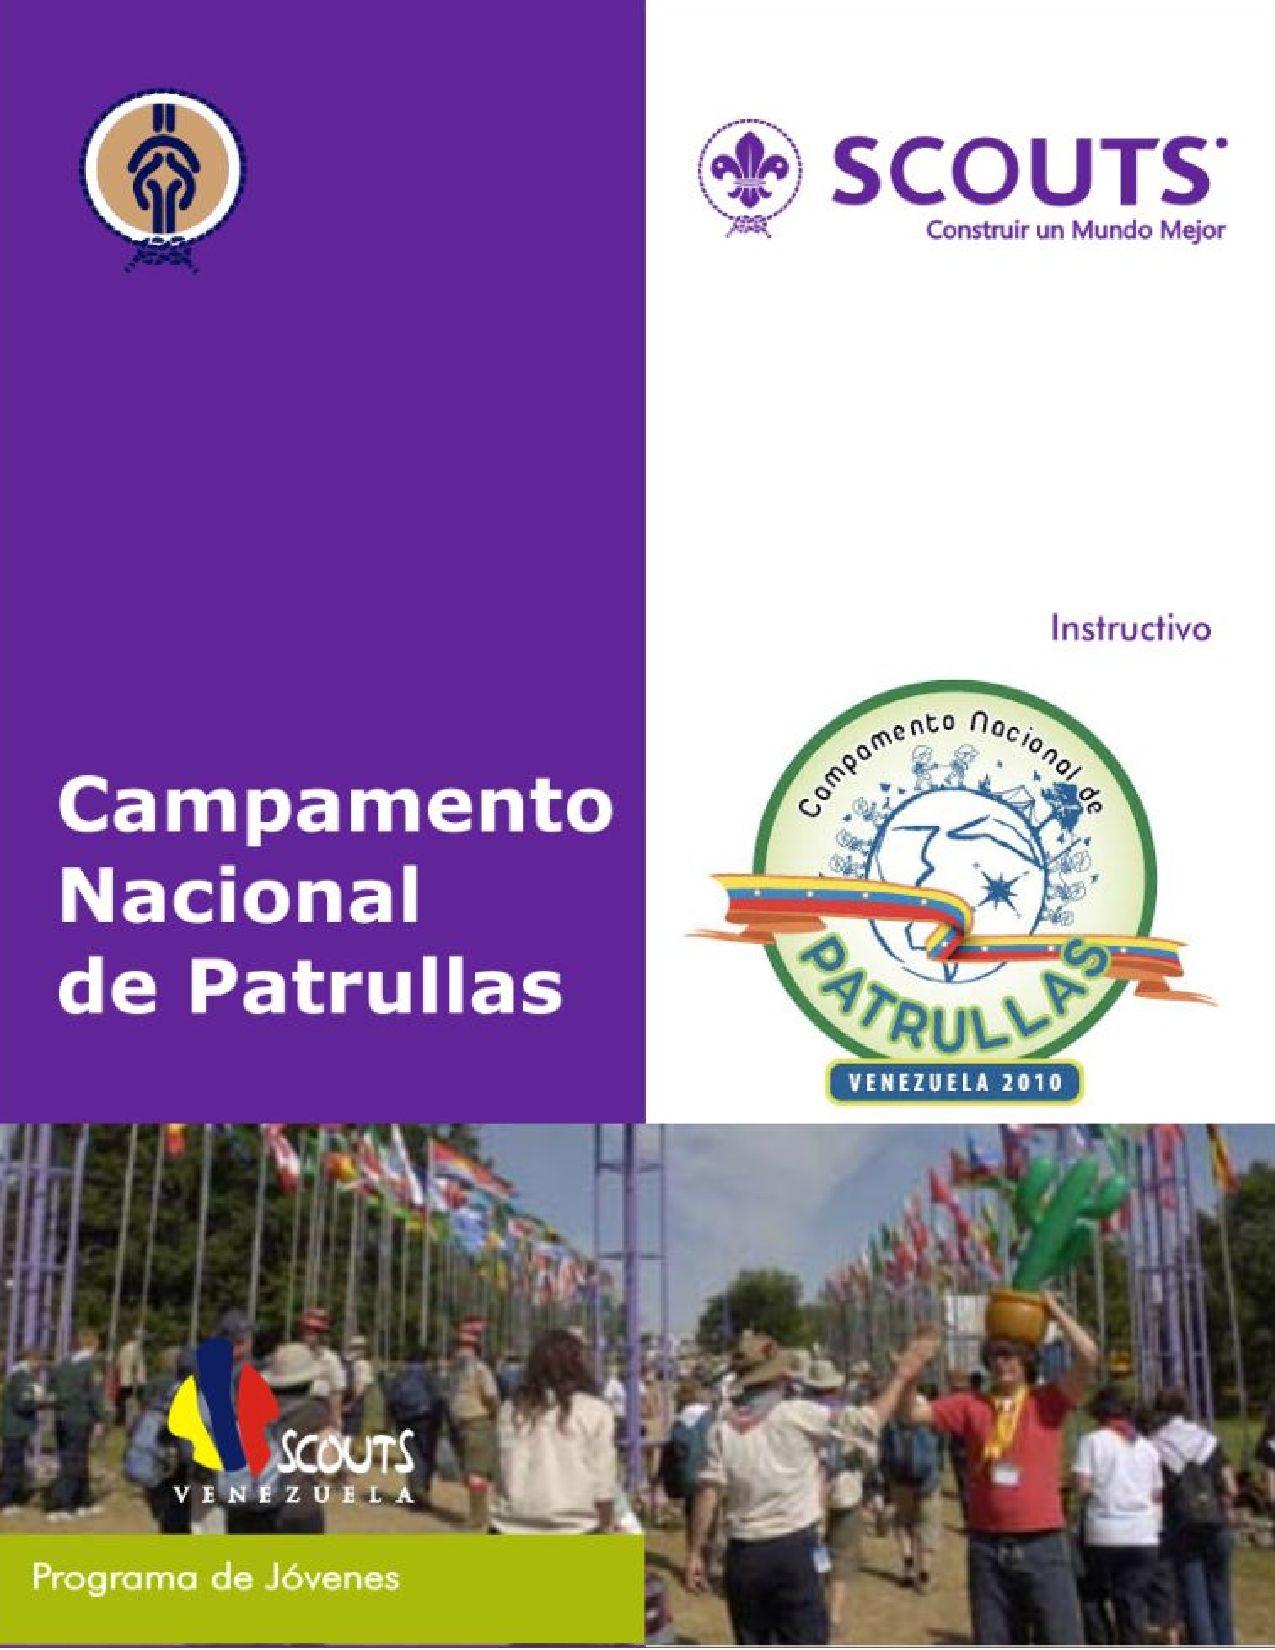 Campamento Nacional de Patrullas - Instructivo by Scouts Venezuela ...